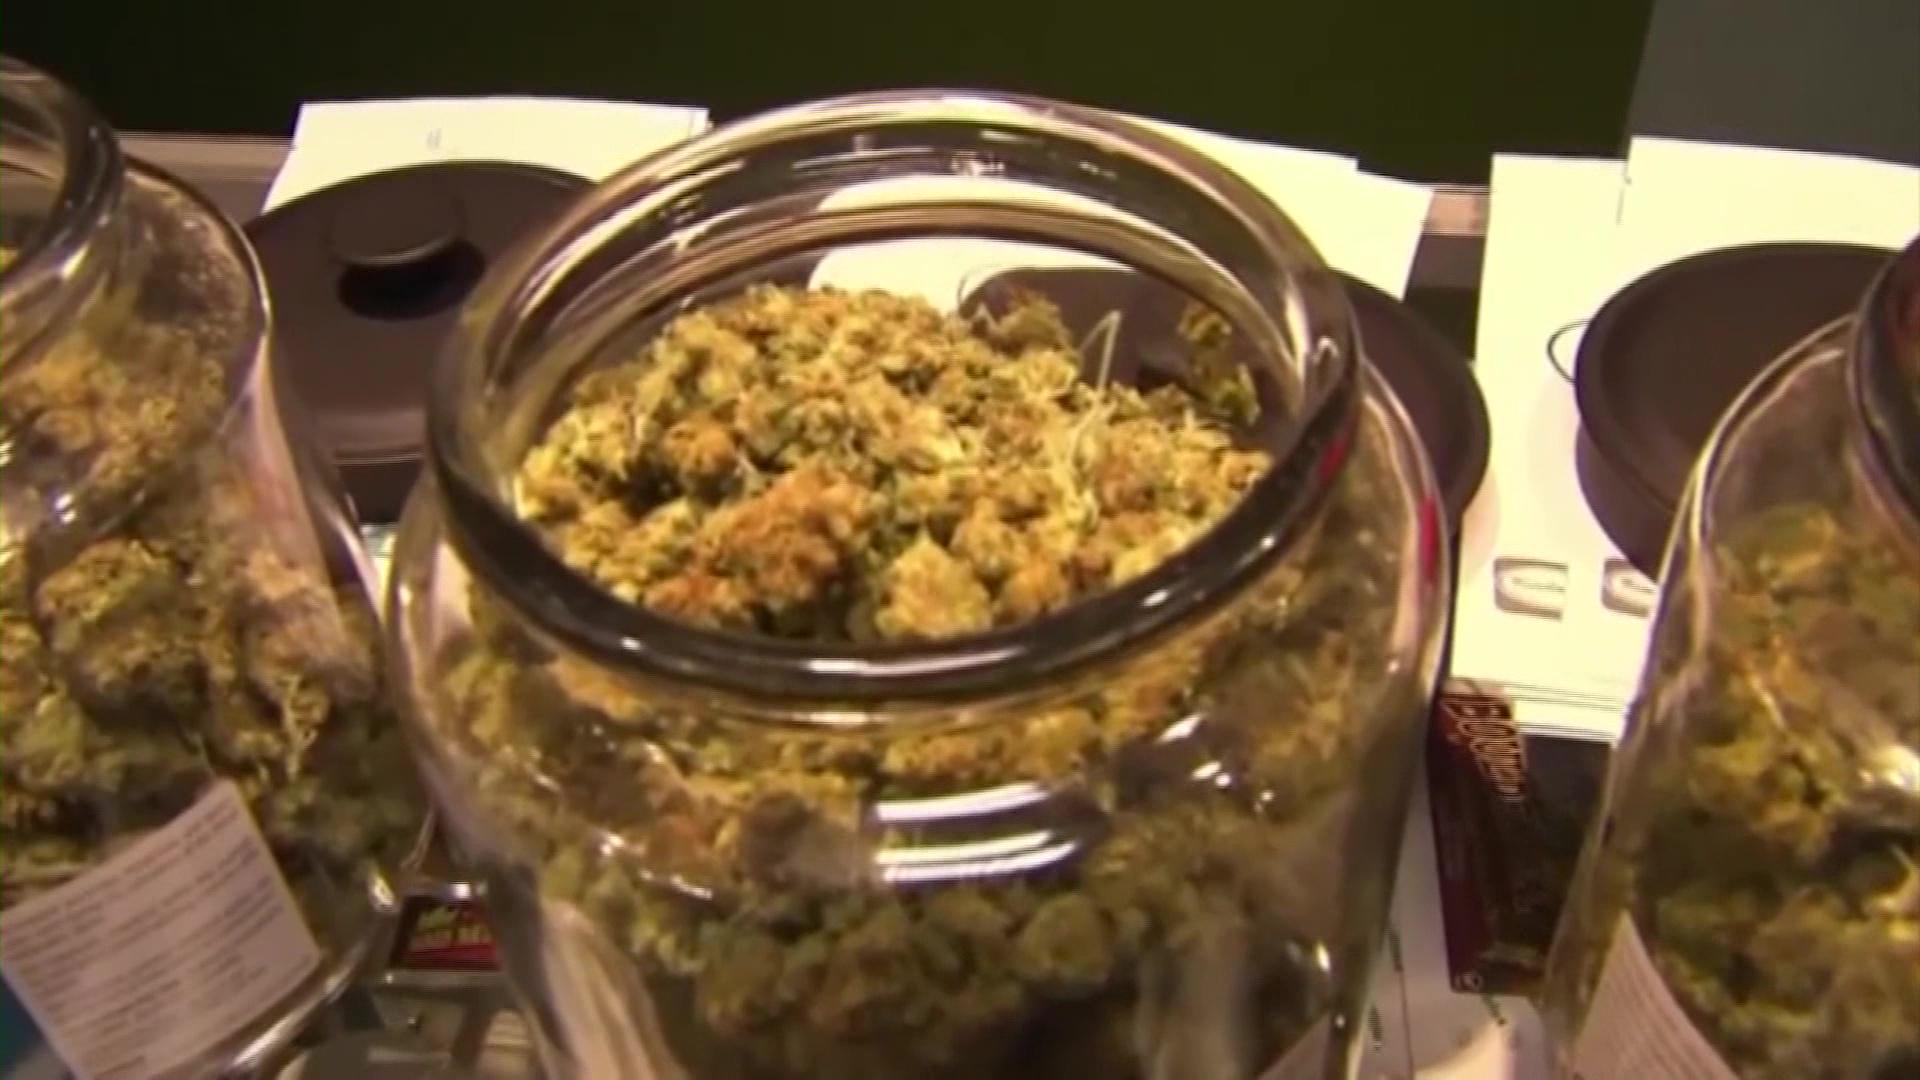 Columbus' second medicinal marijuana dispensary set to open